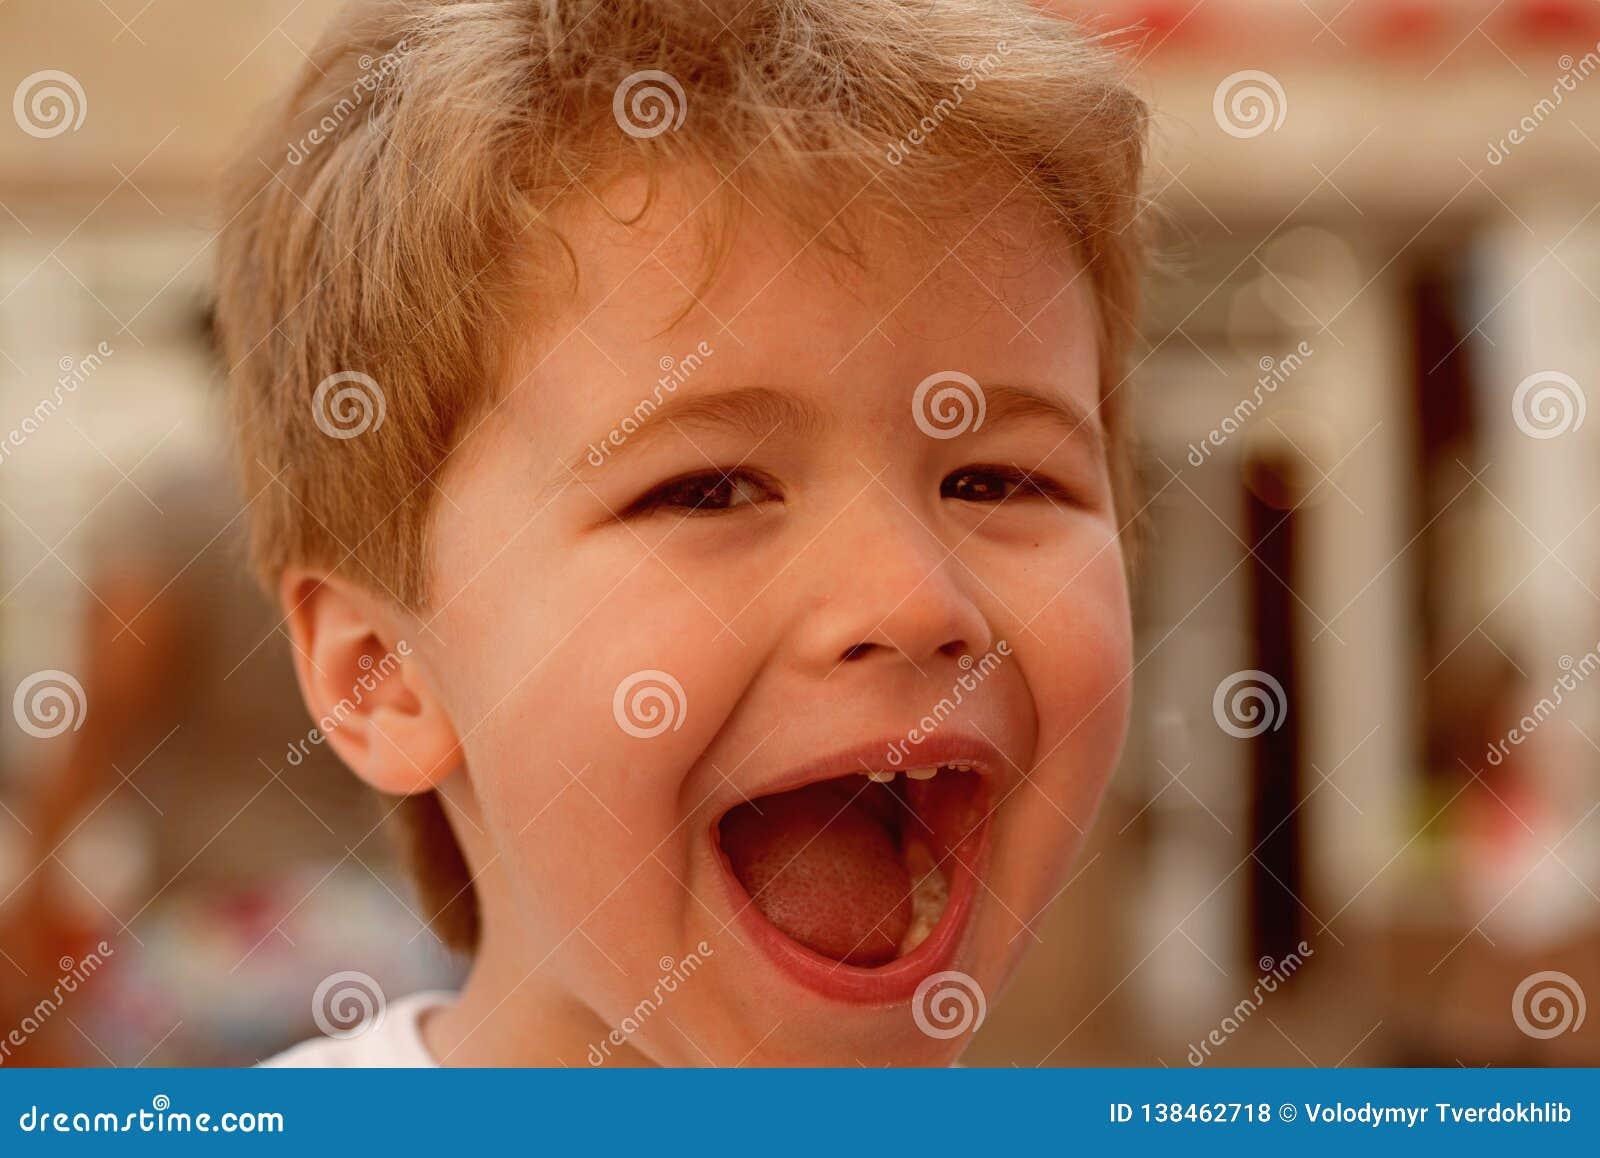 Isto é surpreendente Criança pequena com corte de cabelo à moda Criança pequena com corte de cabelo curto Menino pequeno com cabe